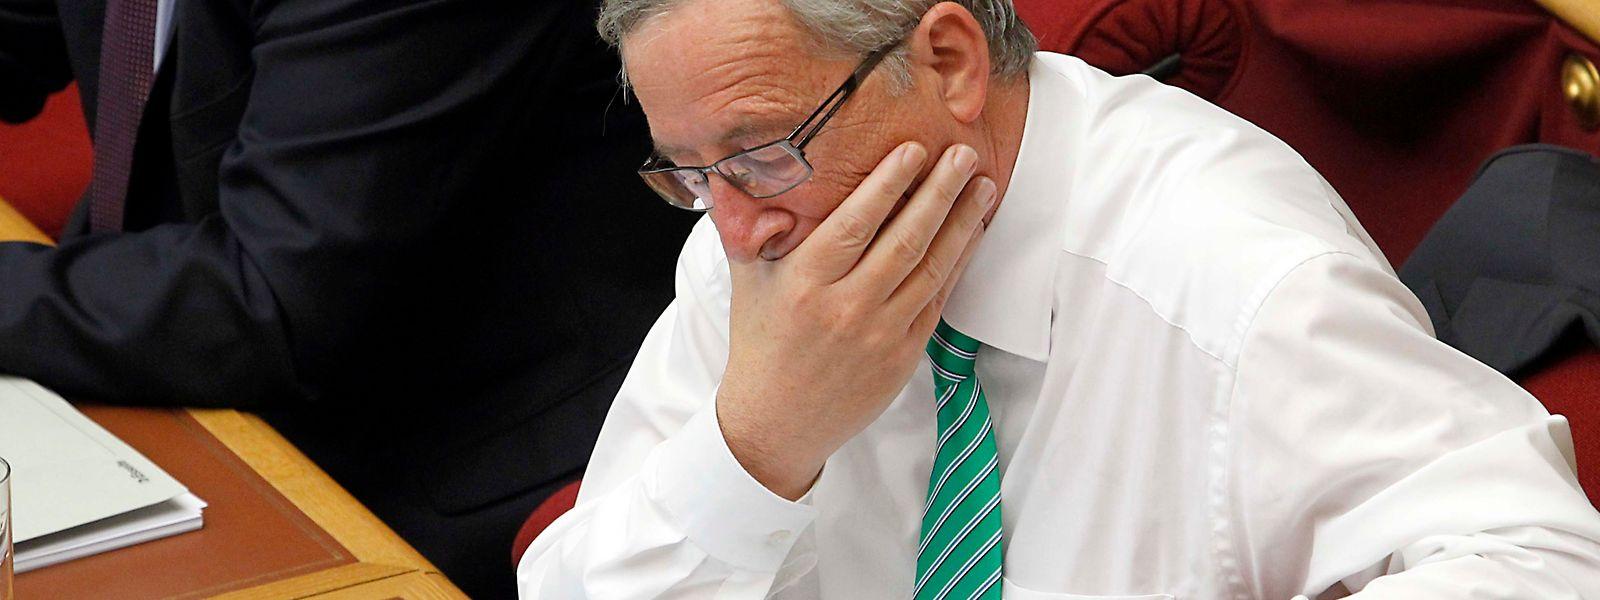 Am 10. Juli 2013 kommt es in der Chamber zum Showdown: Nach einer achtstündigen hitzigen Debatte kündigt der damalige Premier Jean-Claude Juncker Neuwahlen an.